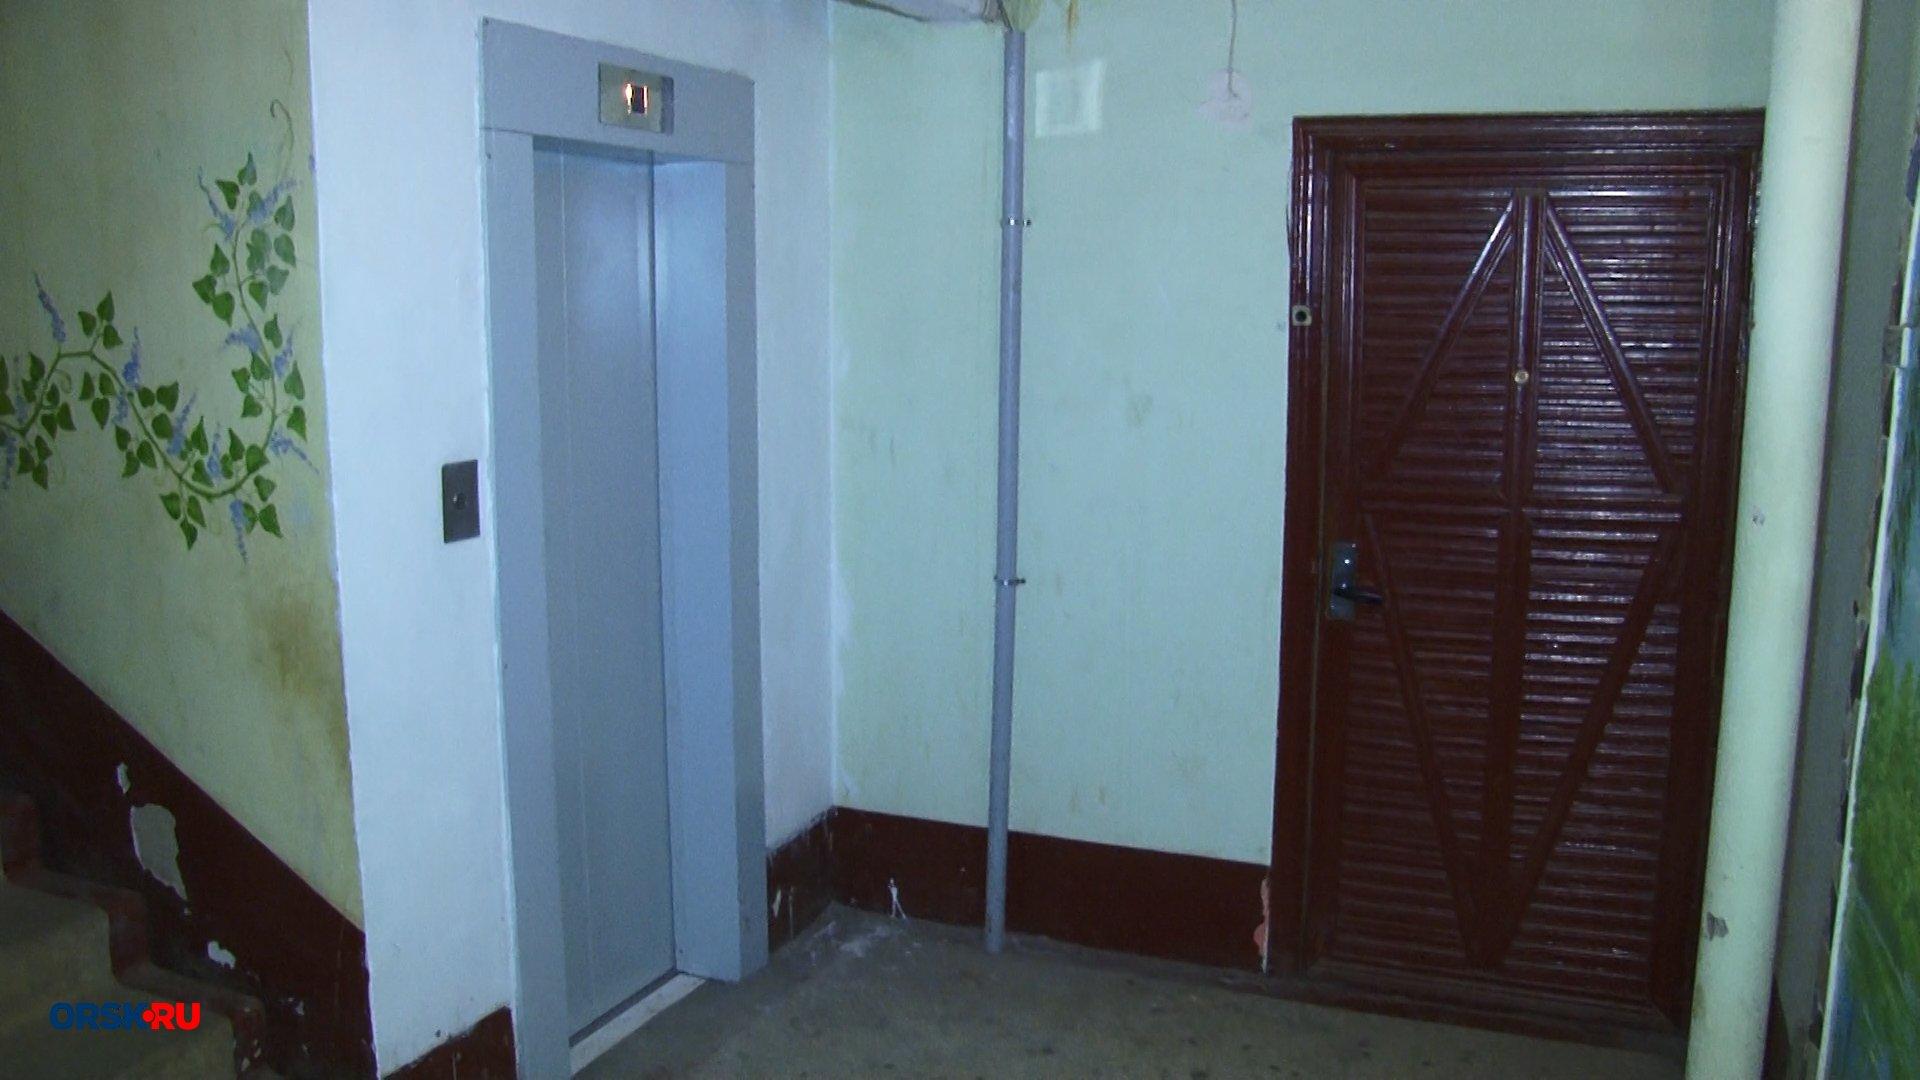 Лифты в жилом доме в Орске ремонтируют уже 4 месяца